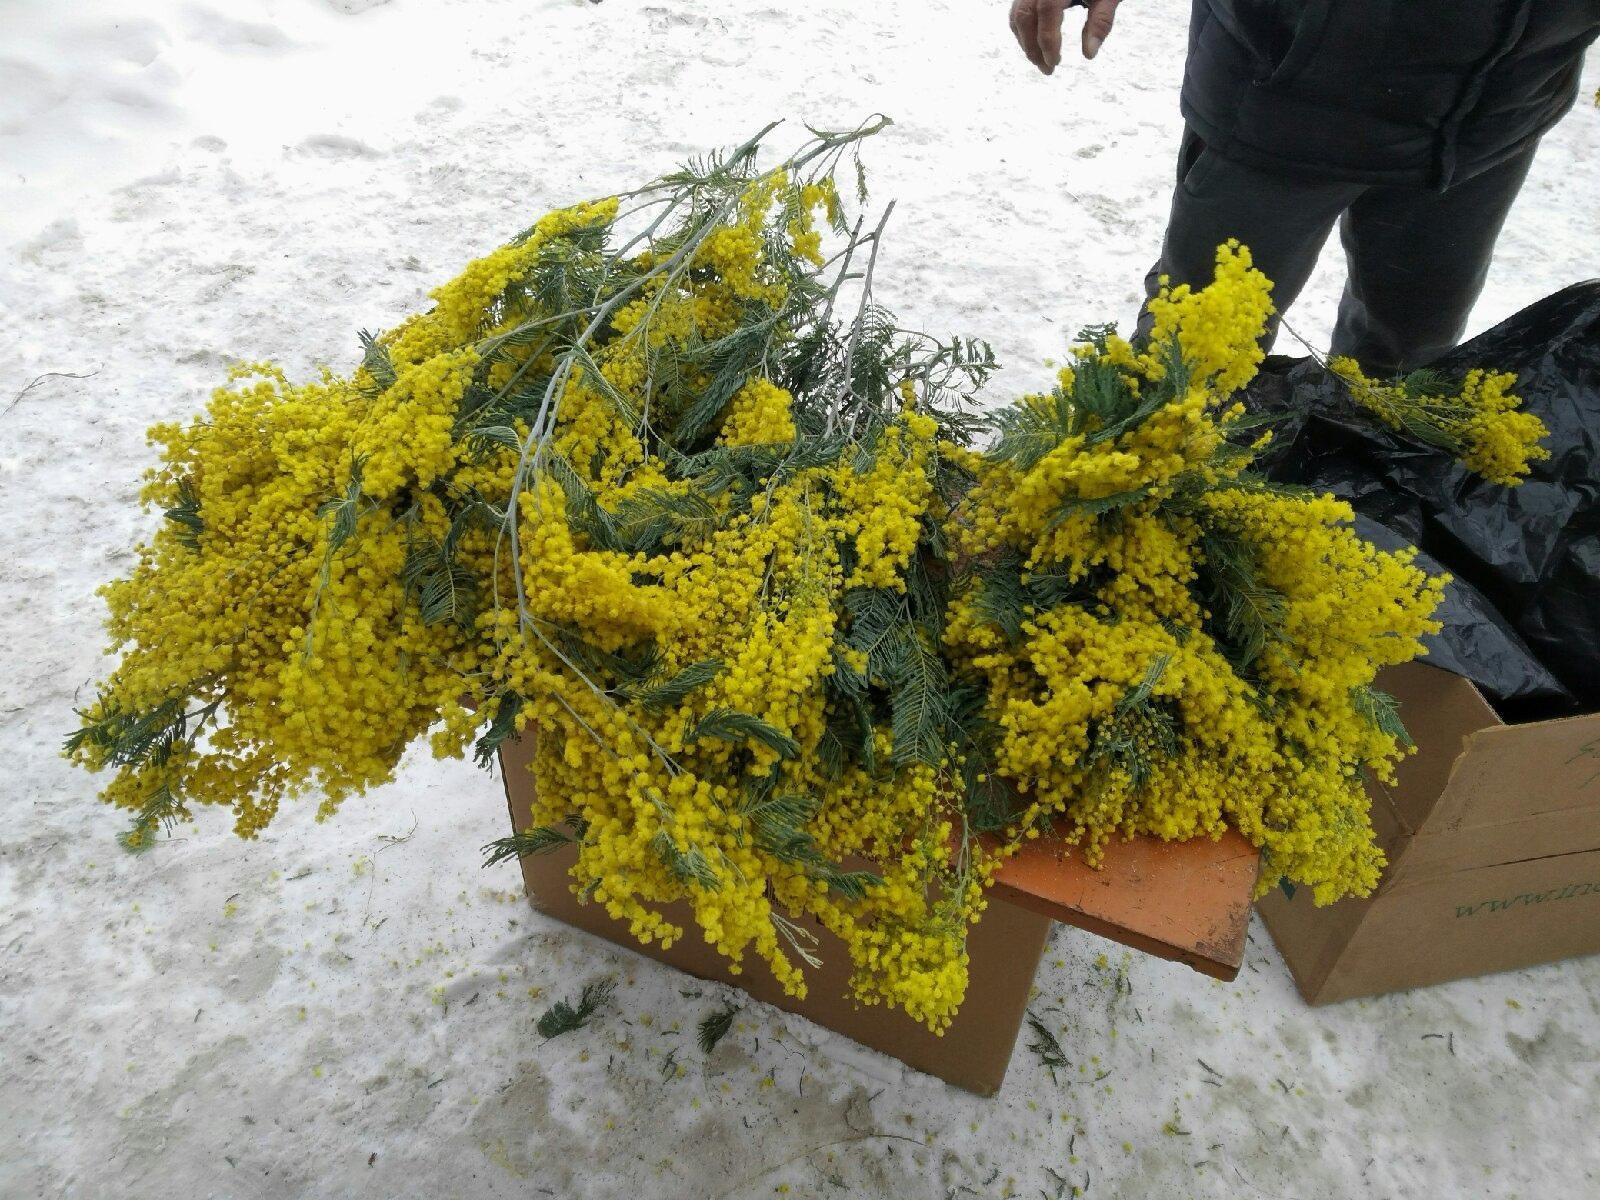 фото Цветы к 8 Марта в Новосибирске: улицы завалены душистыми растениями (и это не тюльпаны) 2